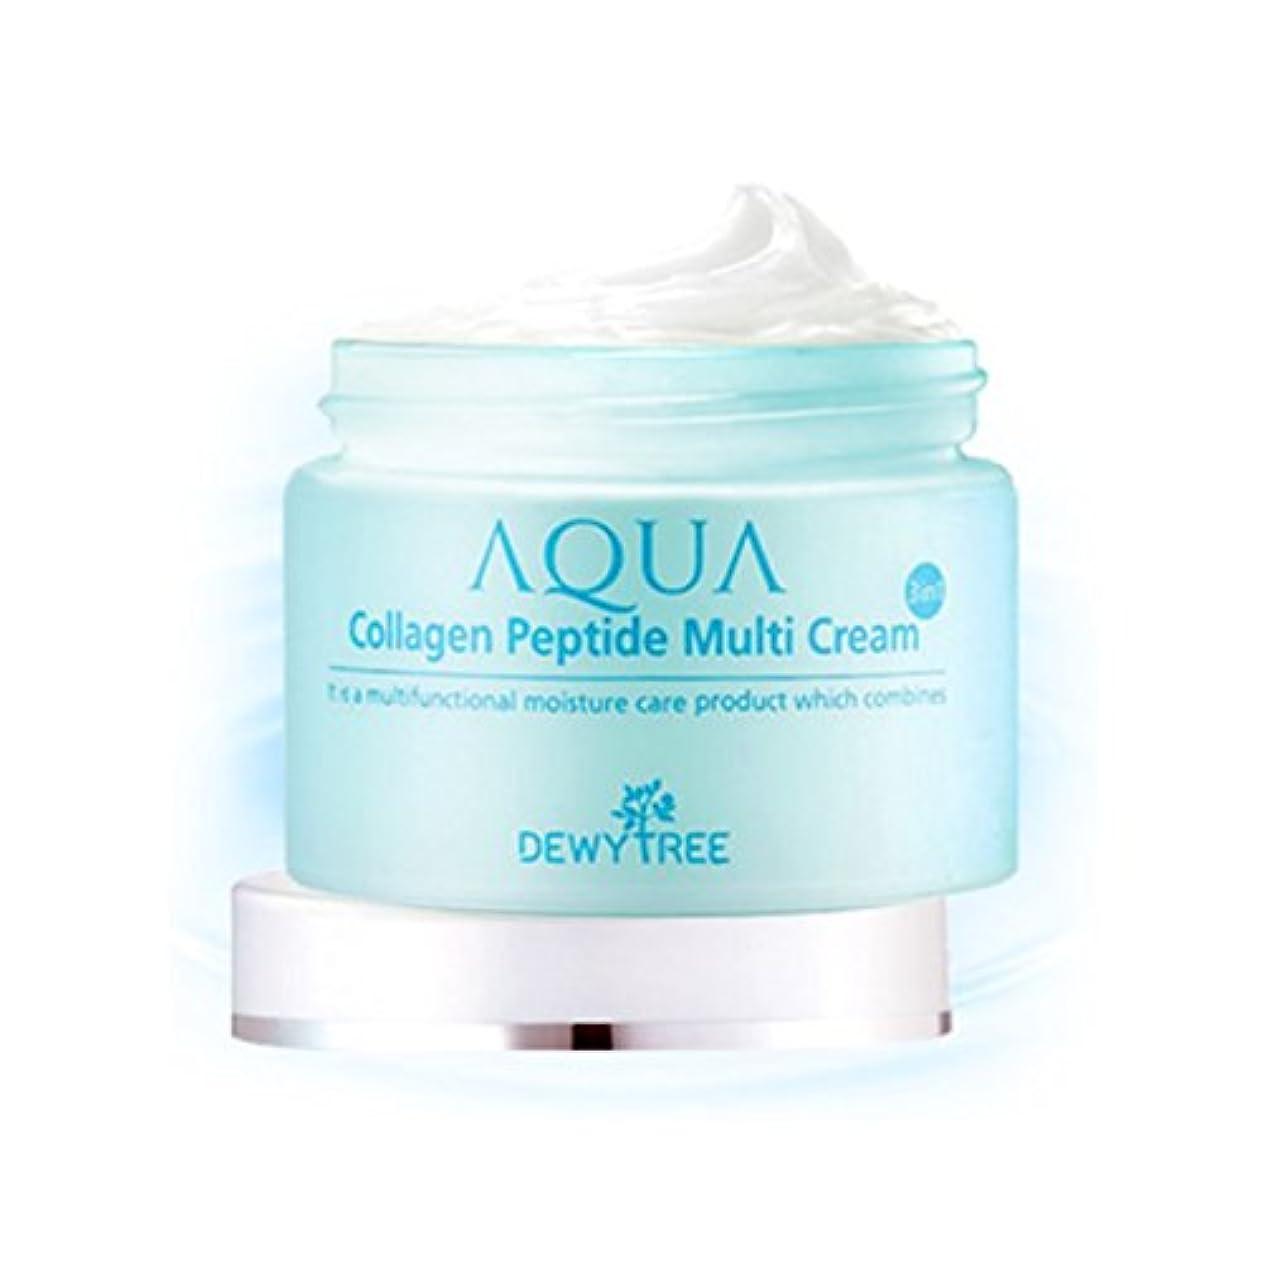 結論言い聞かせる現れる[Dewytree] デュイトゥリー アクアコラーゲン ペプチド マルチクリーム Aqua Collagen Peptide Multi Cream (50ml) / [並行輸入品]